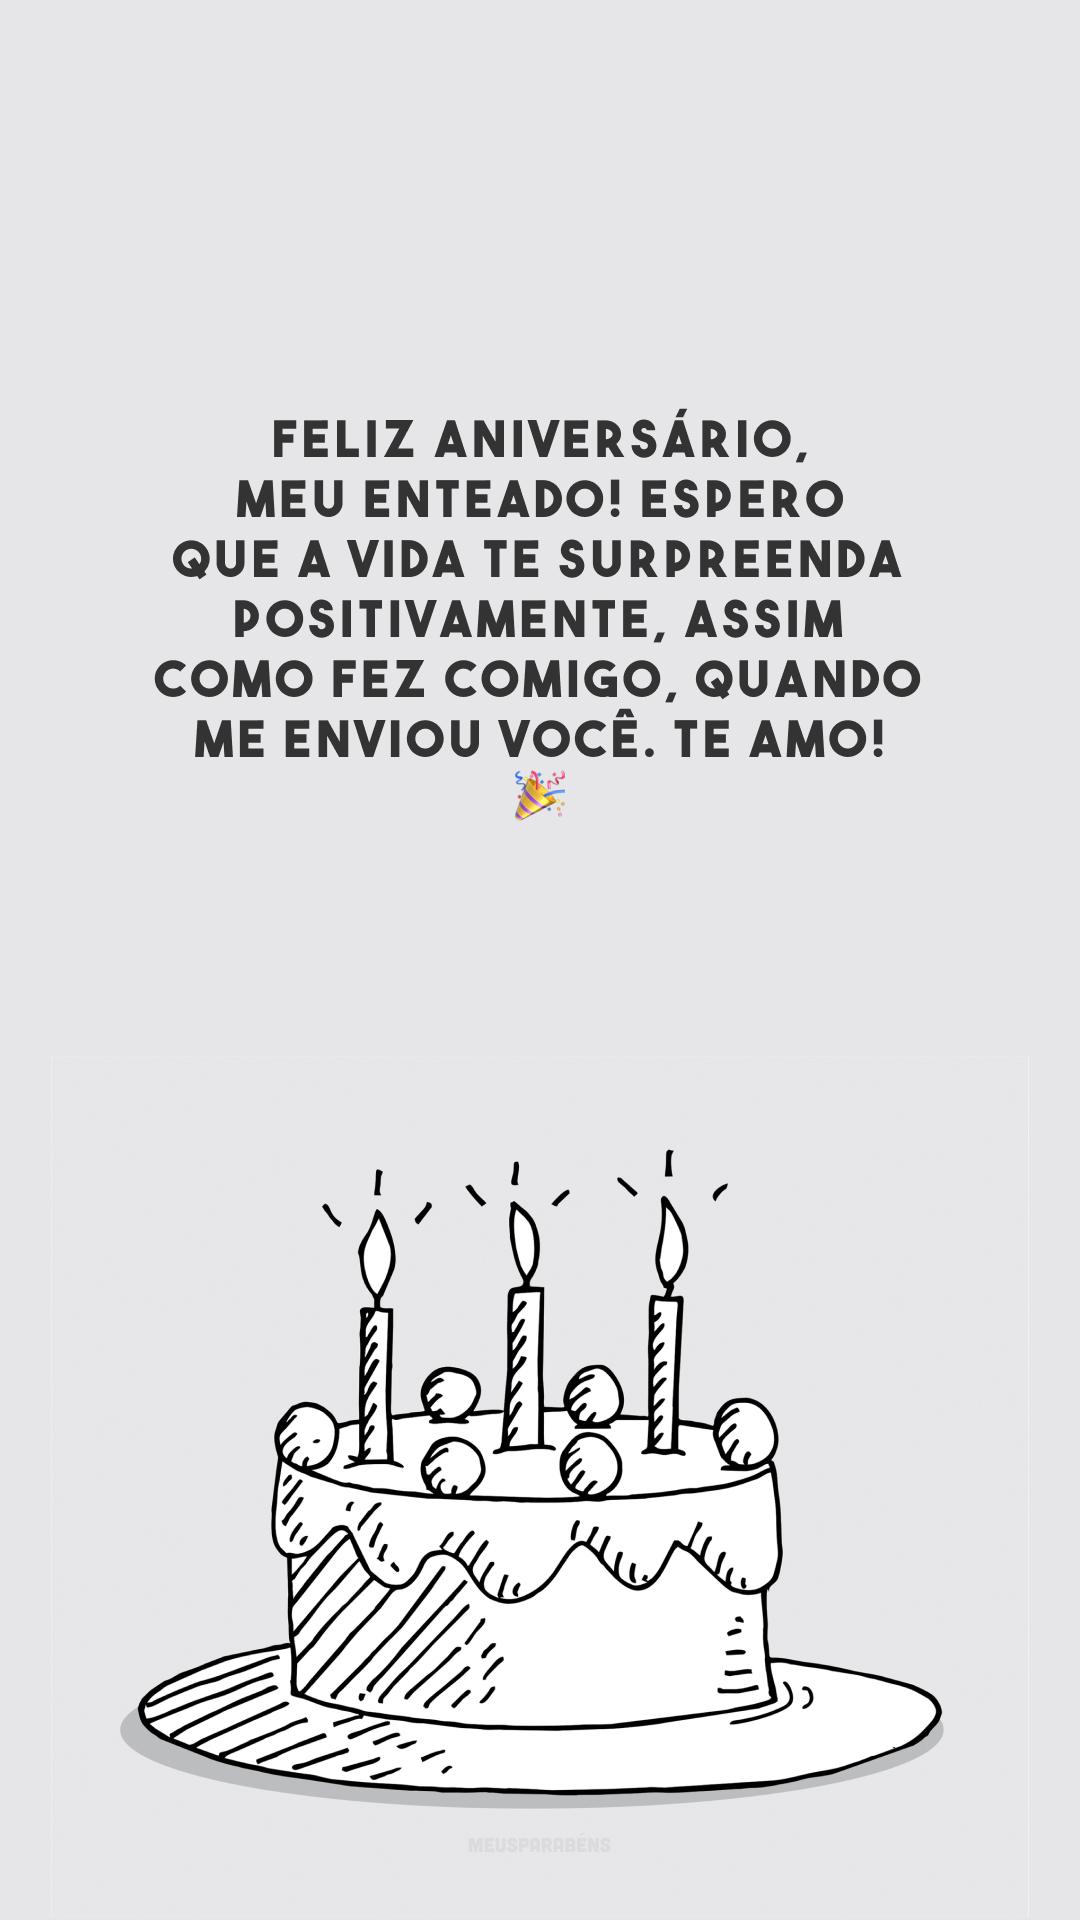 Feliz aniversário, meu enteado! Espero que a vida te surpreenda positivamente, assim como fez comigo, quando me enviou você. Te amo! 🎉